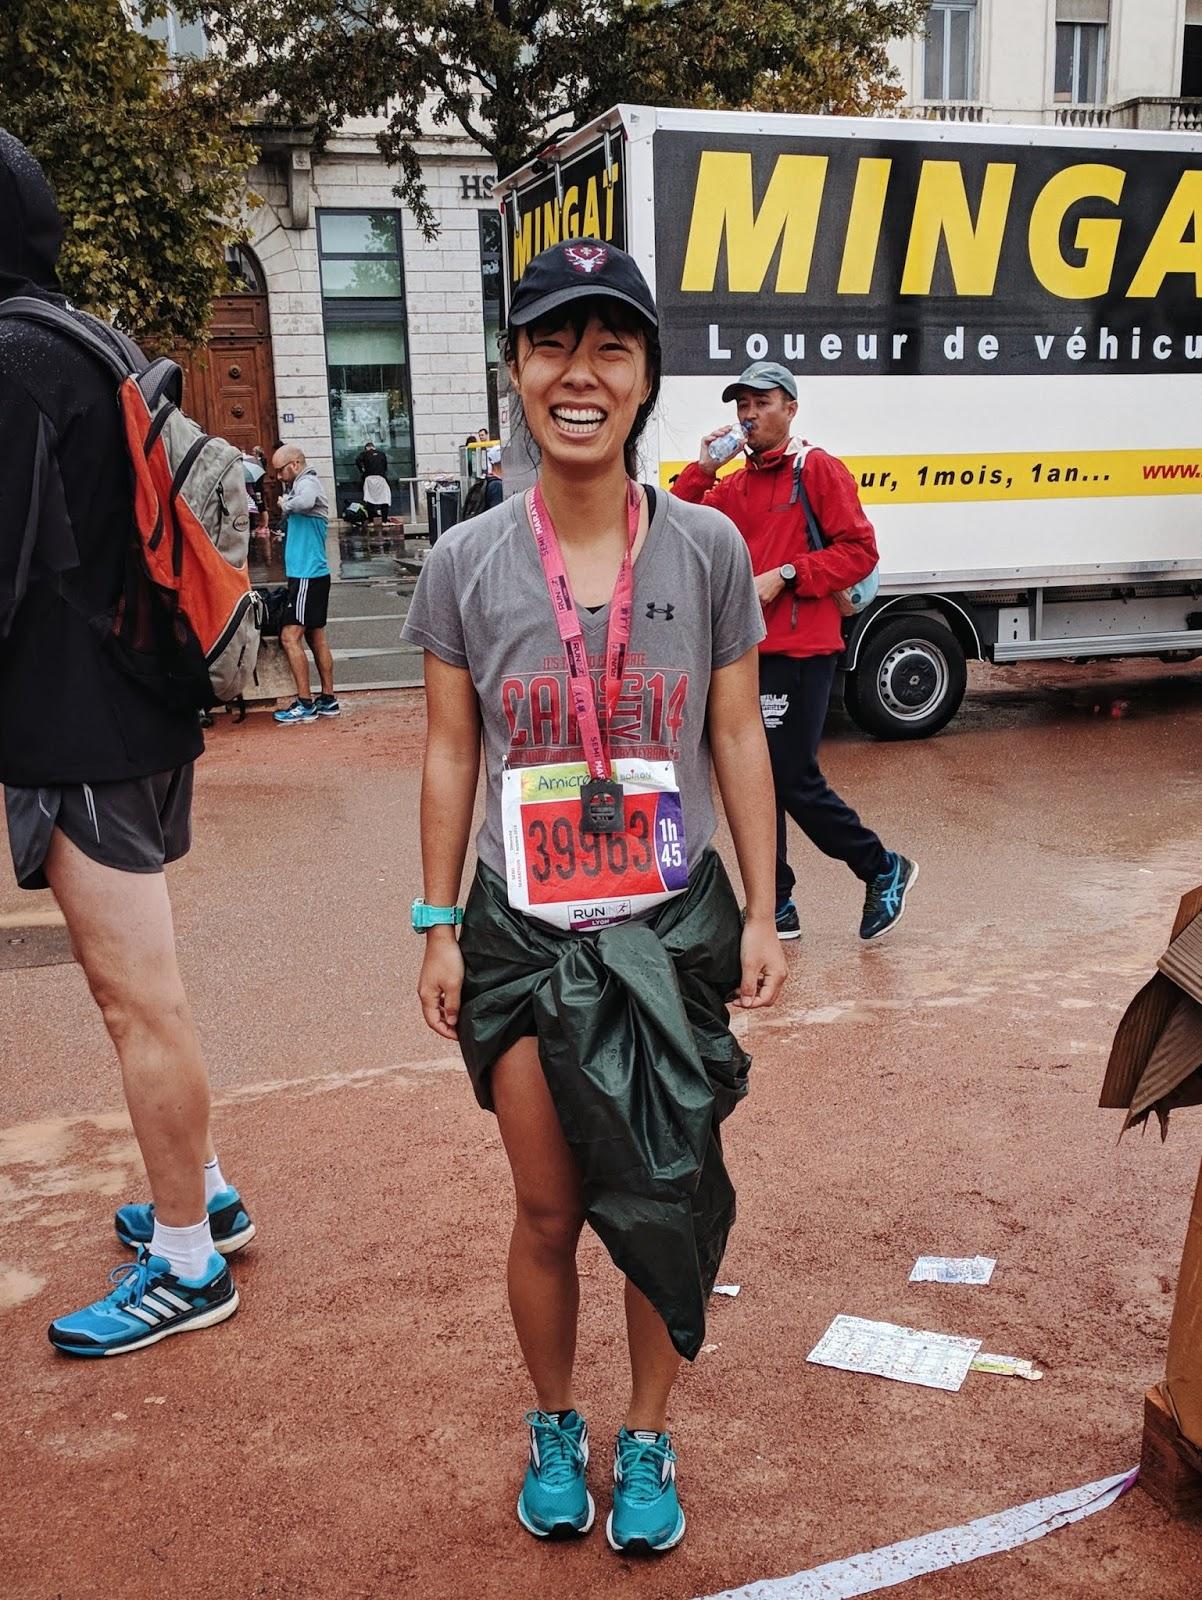 lyon half marathon 2018